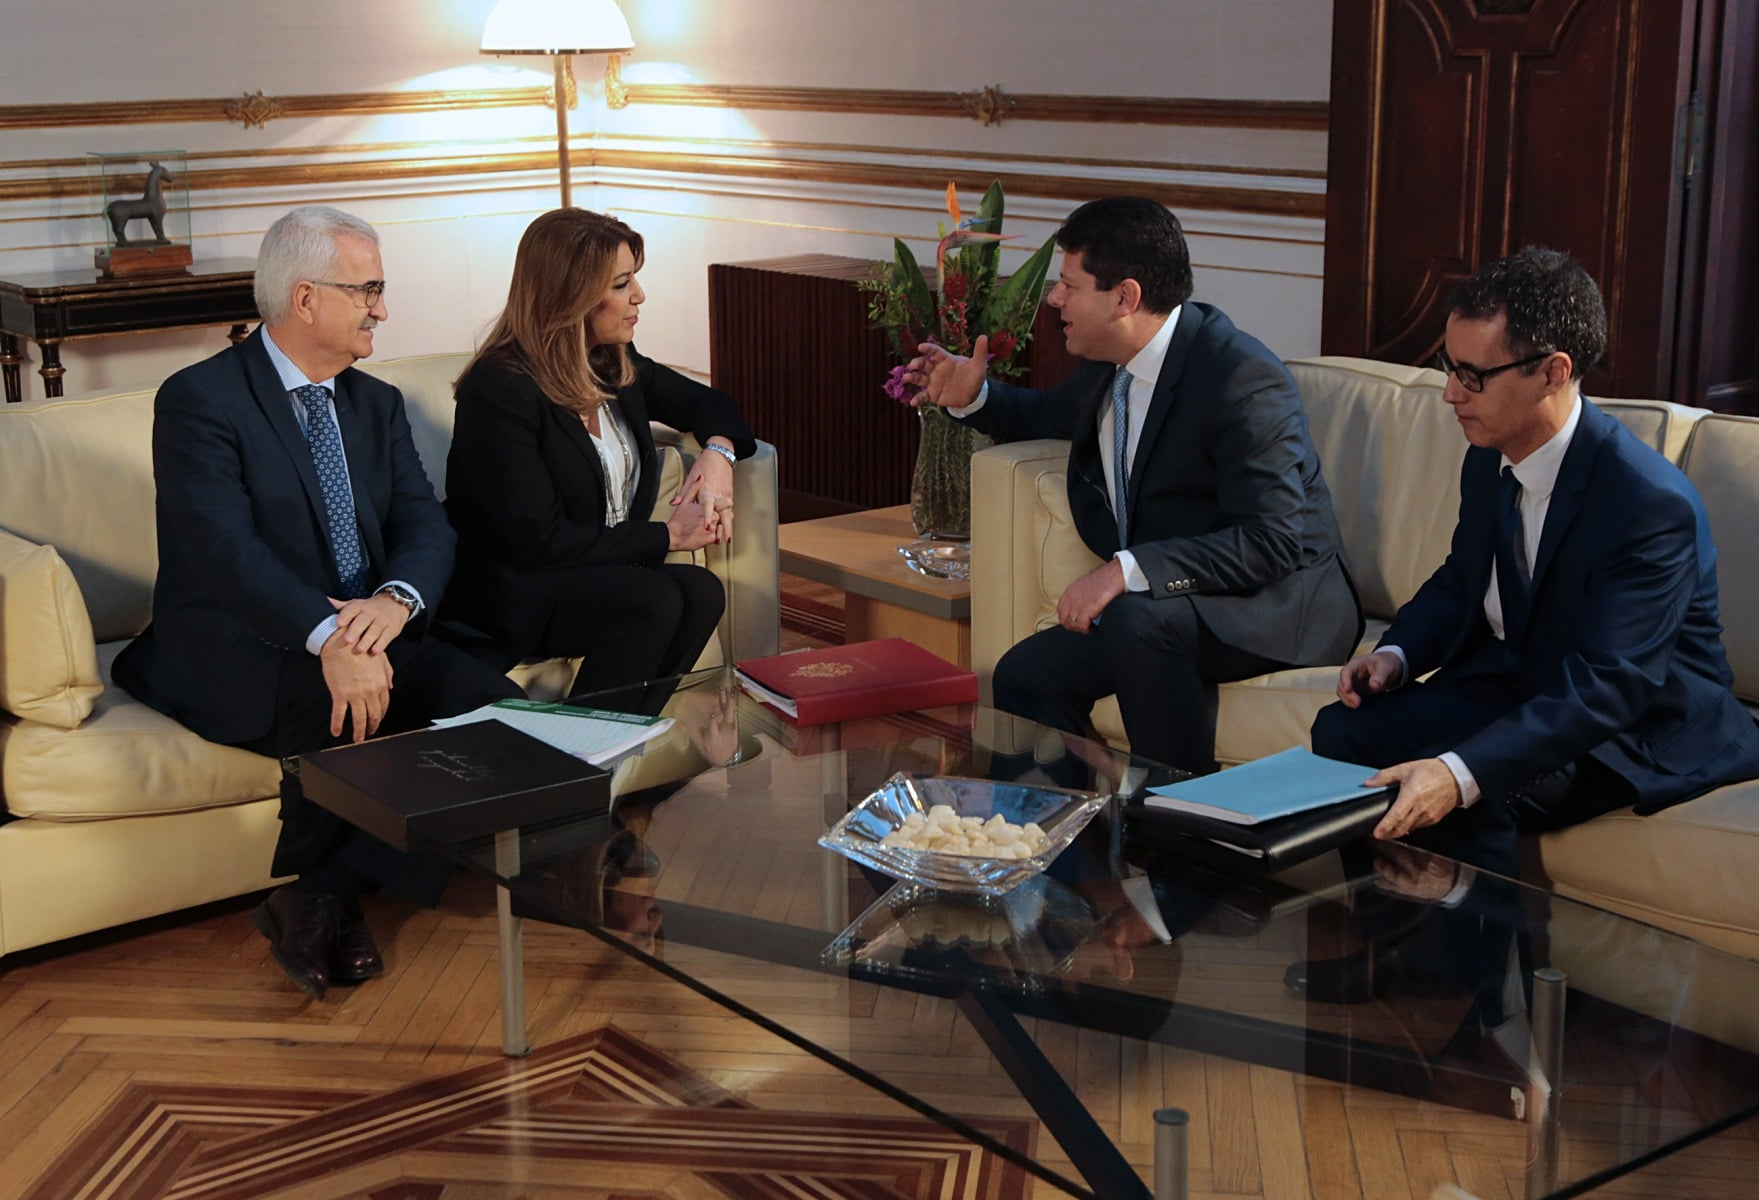 reunin-del-ministro-principal-con-susana-daz-en-sevilla_25021138507_o